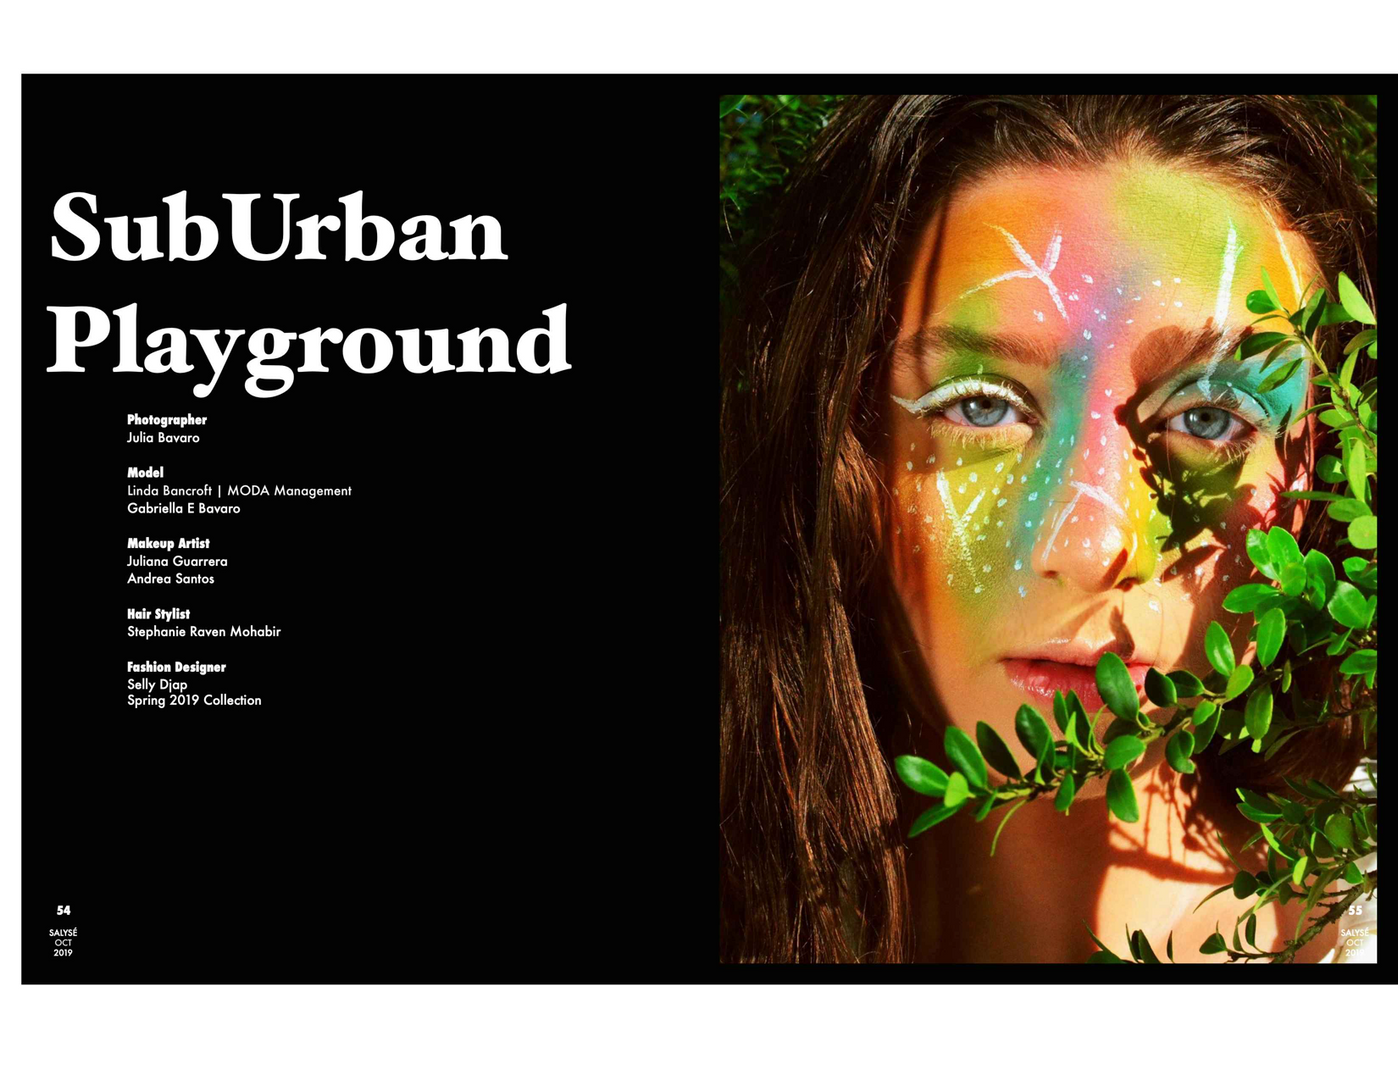 SALYSÉMagazine  Vol.5 Number 103, pgs. 54-65  SubUrban Playground by Julia Bavaro